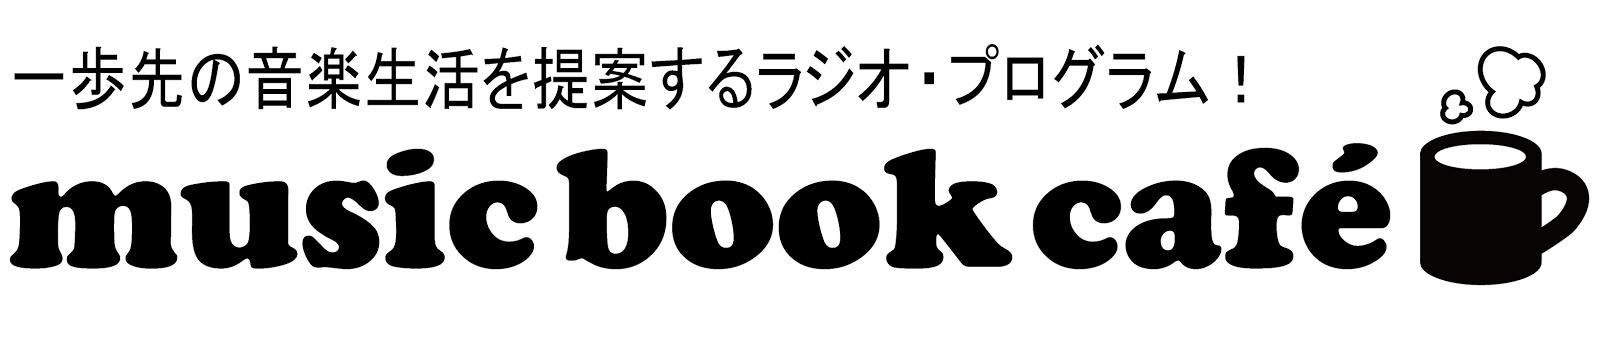 music book café